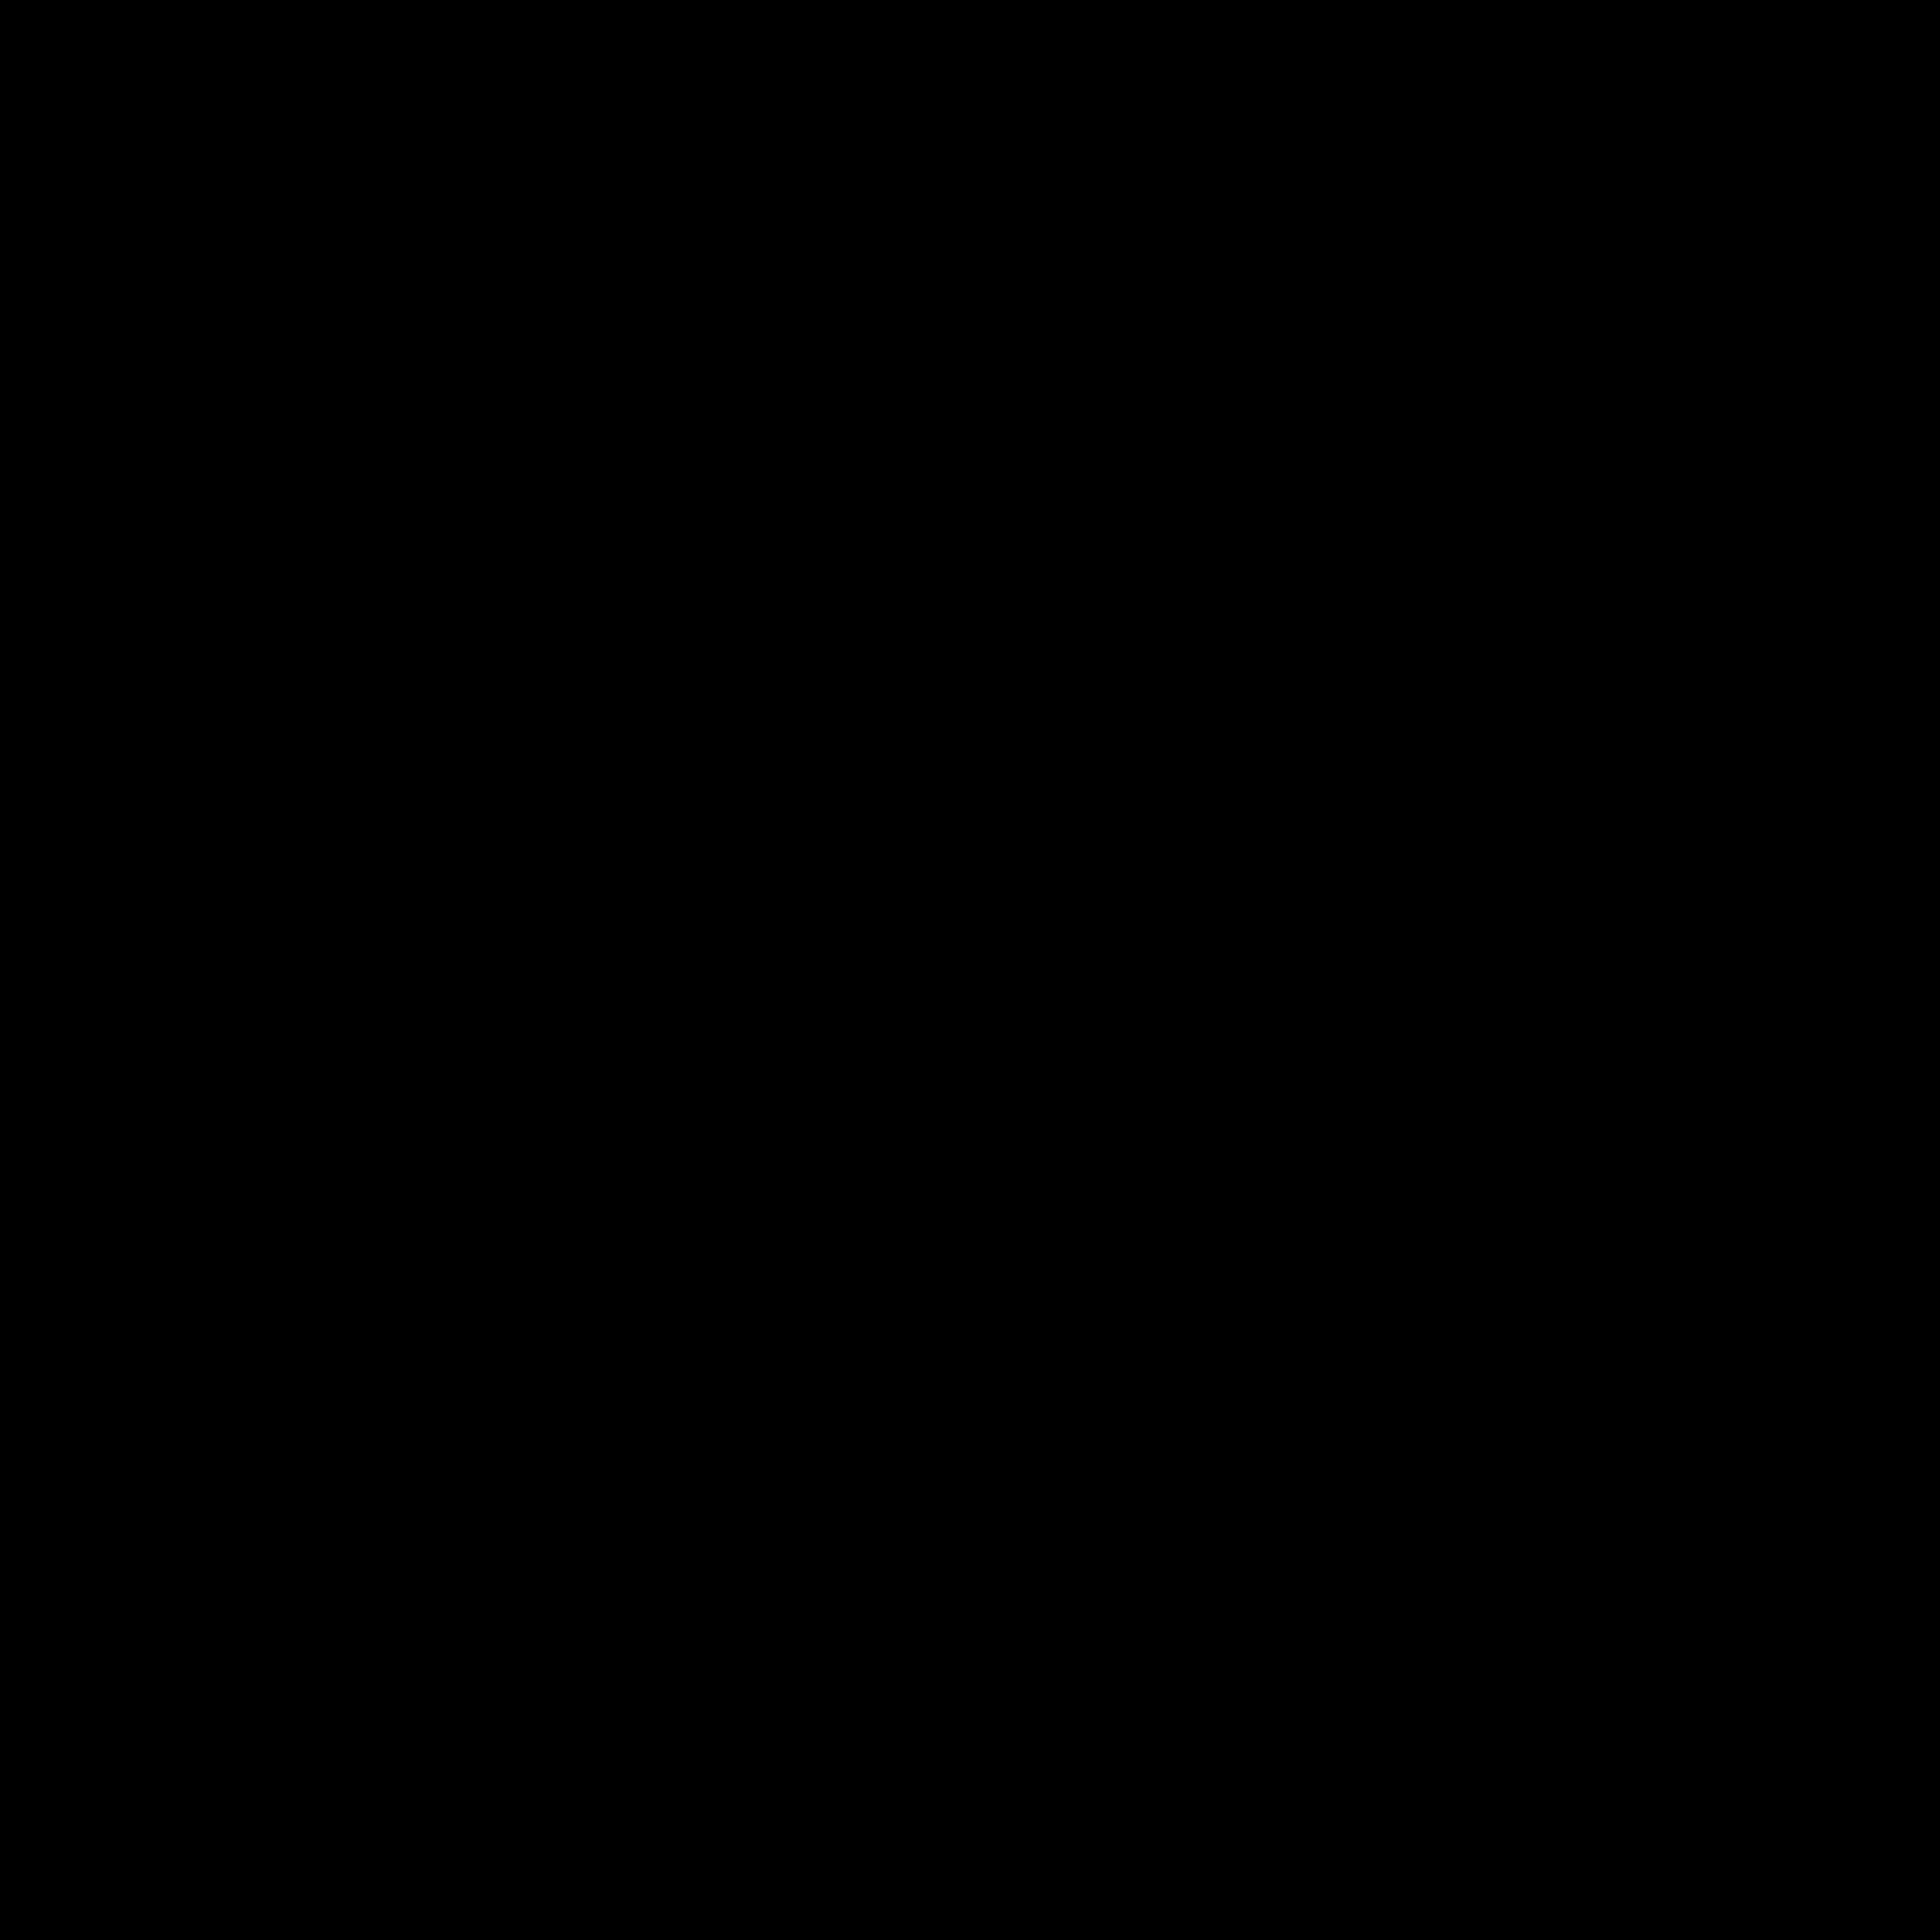 Sho-Me Clean